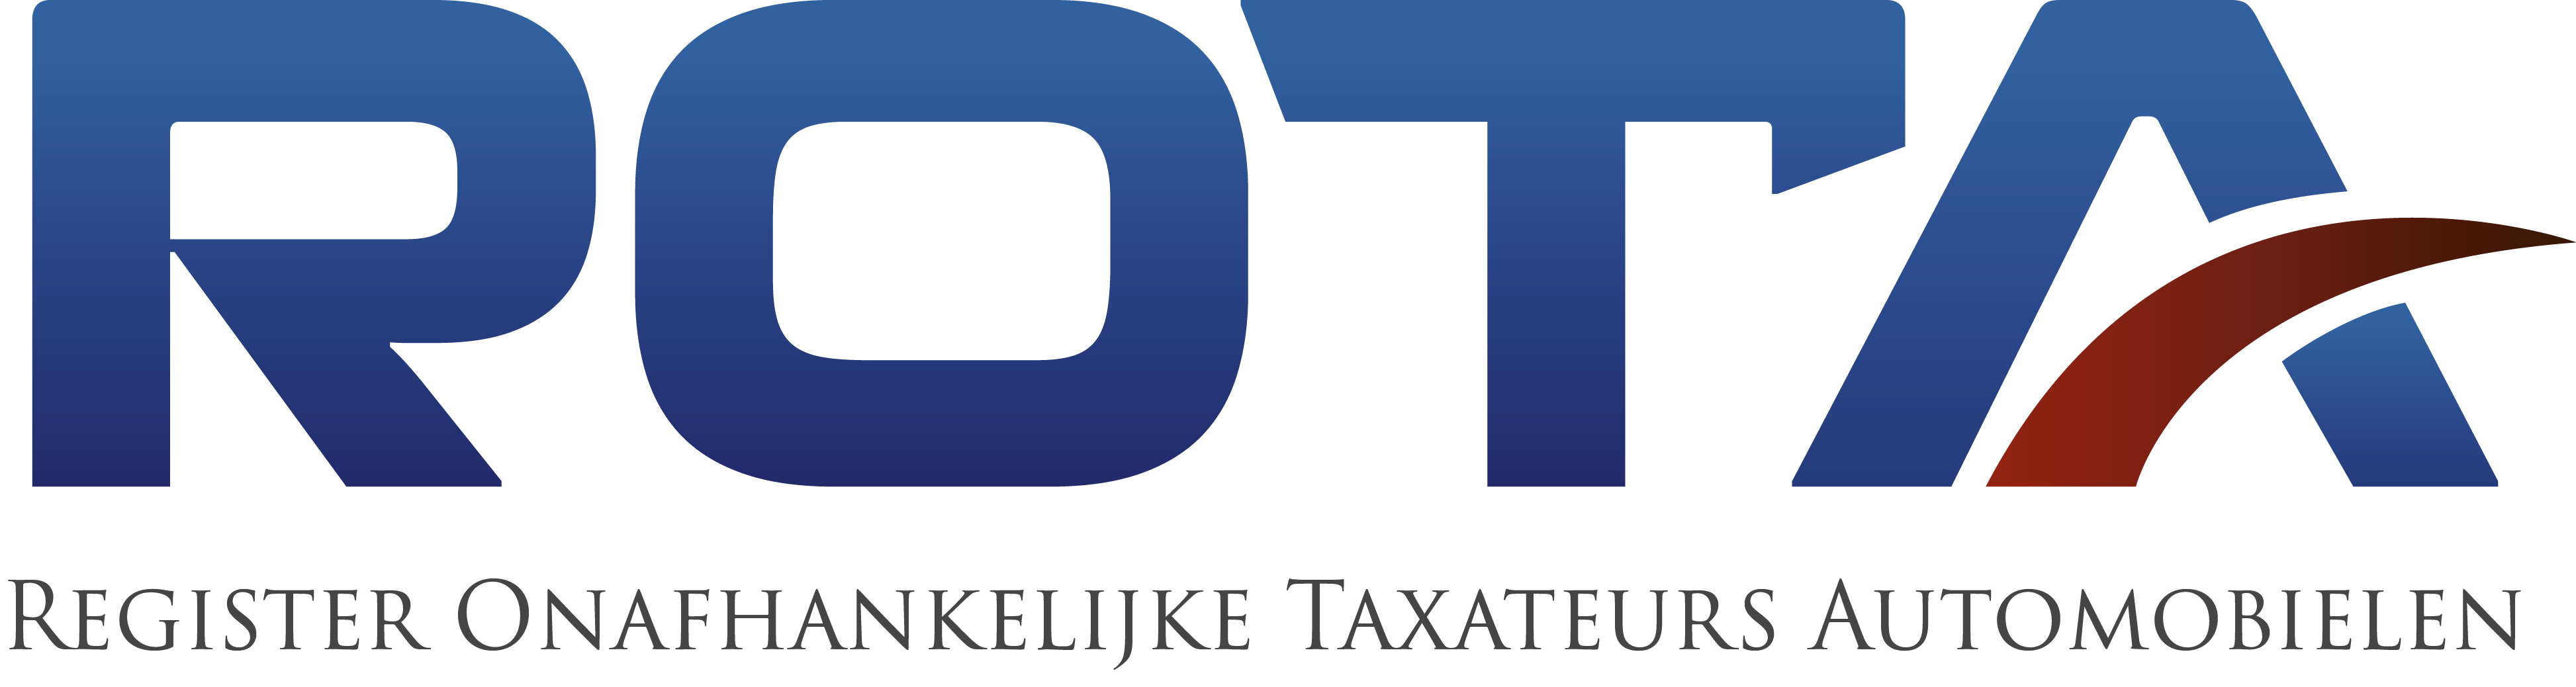 rota_logo